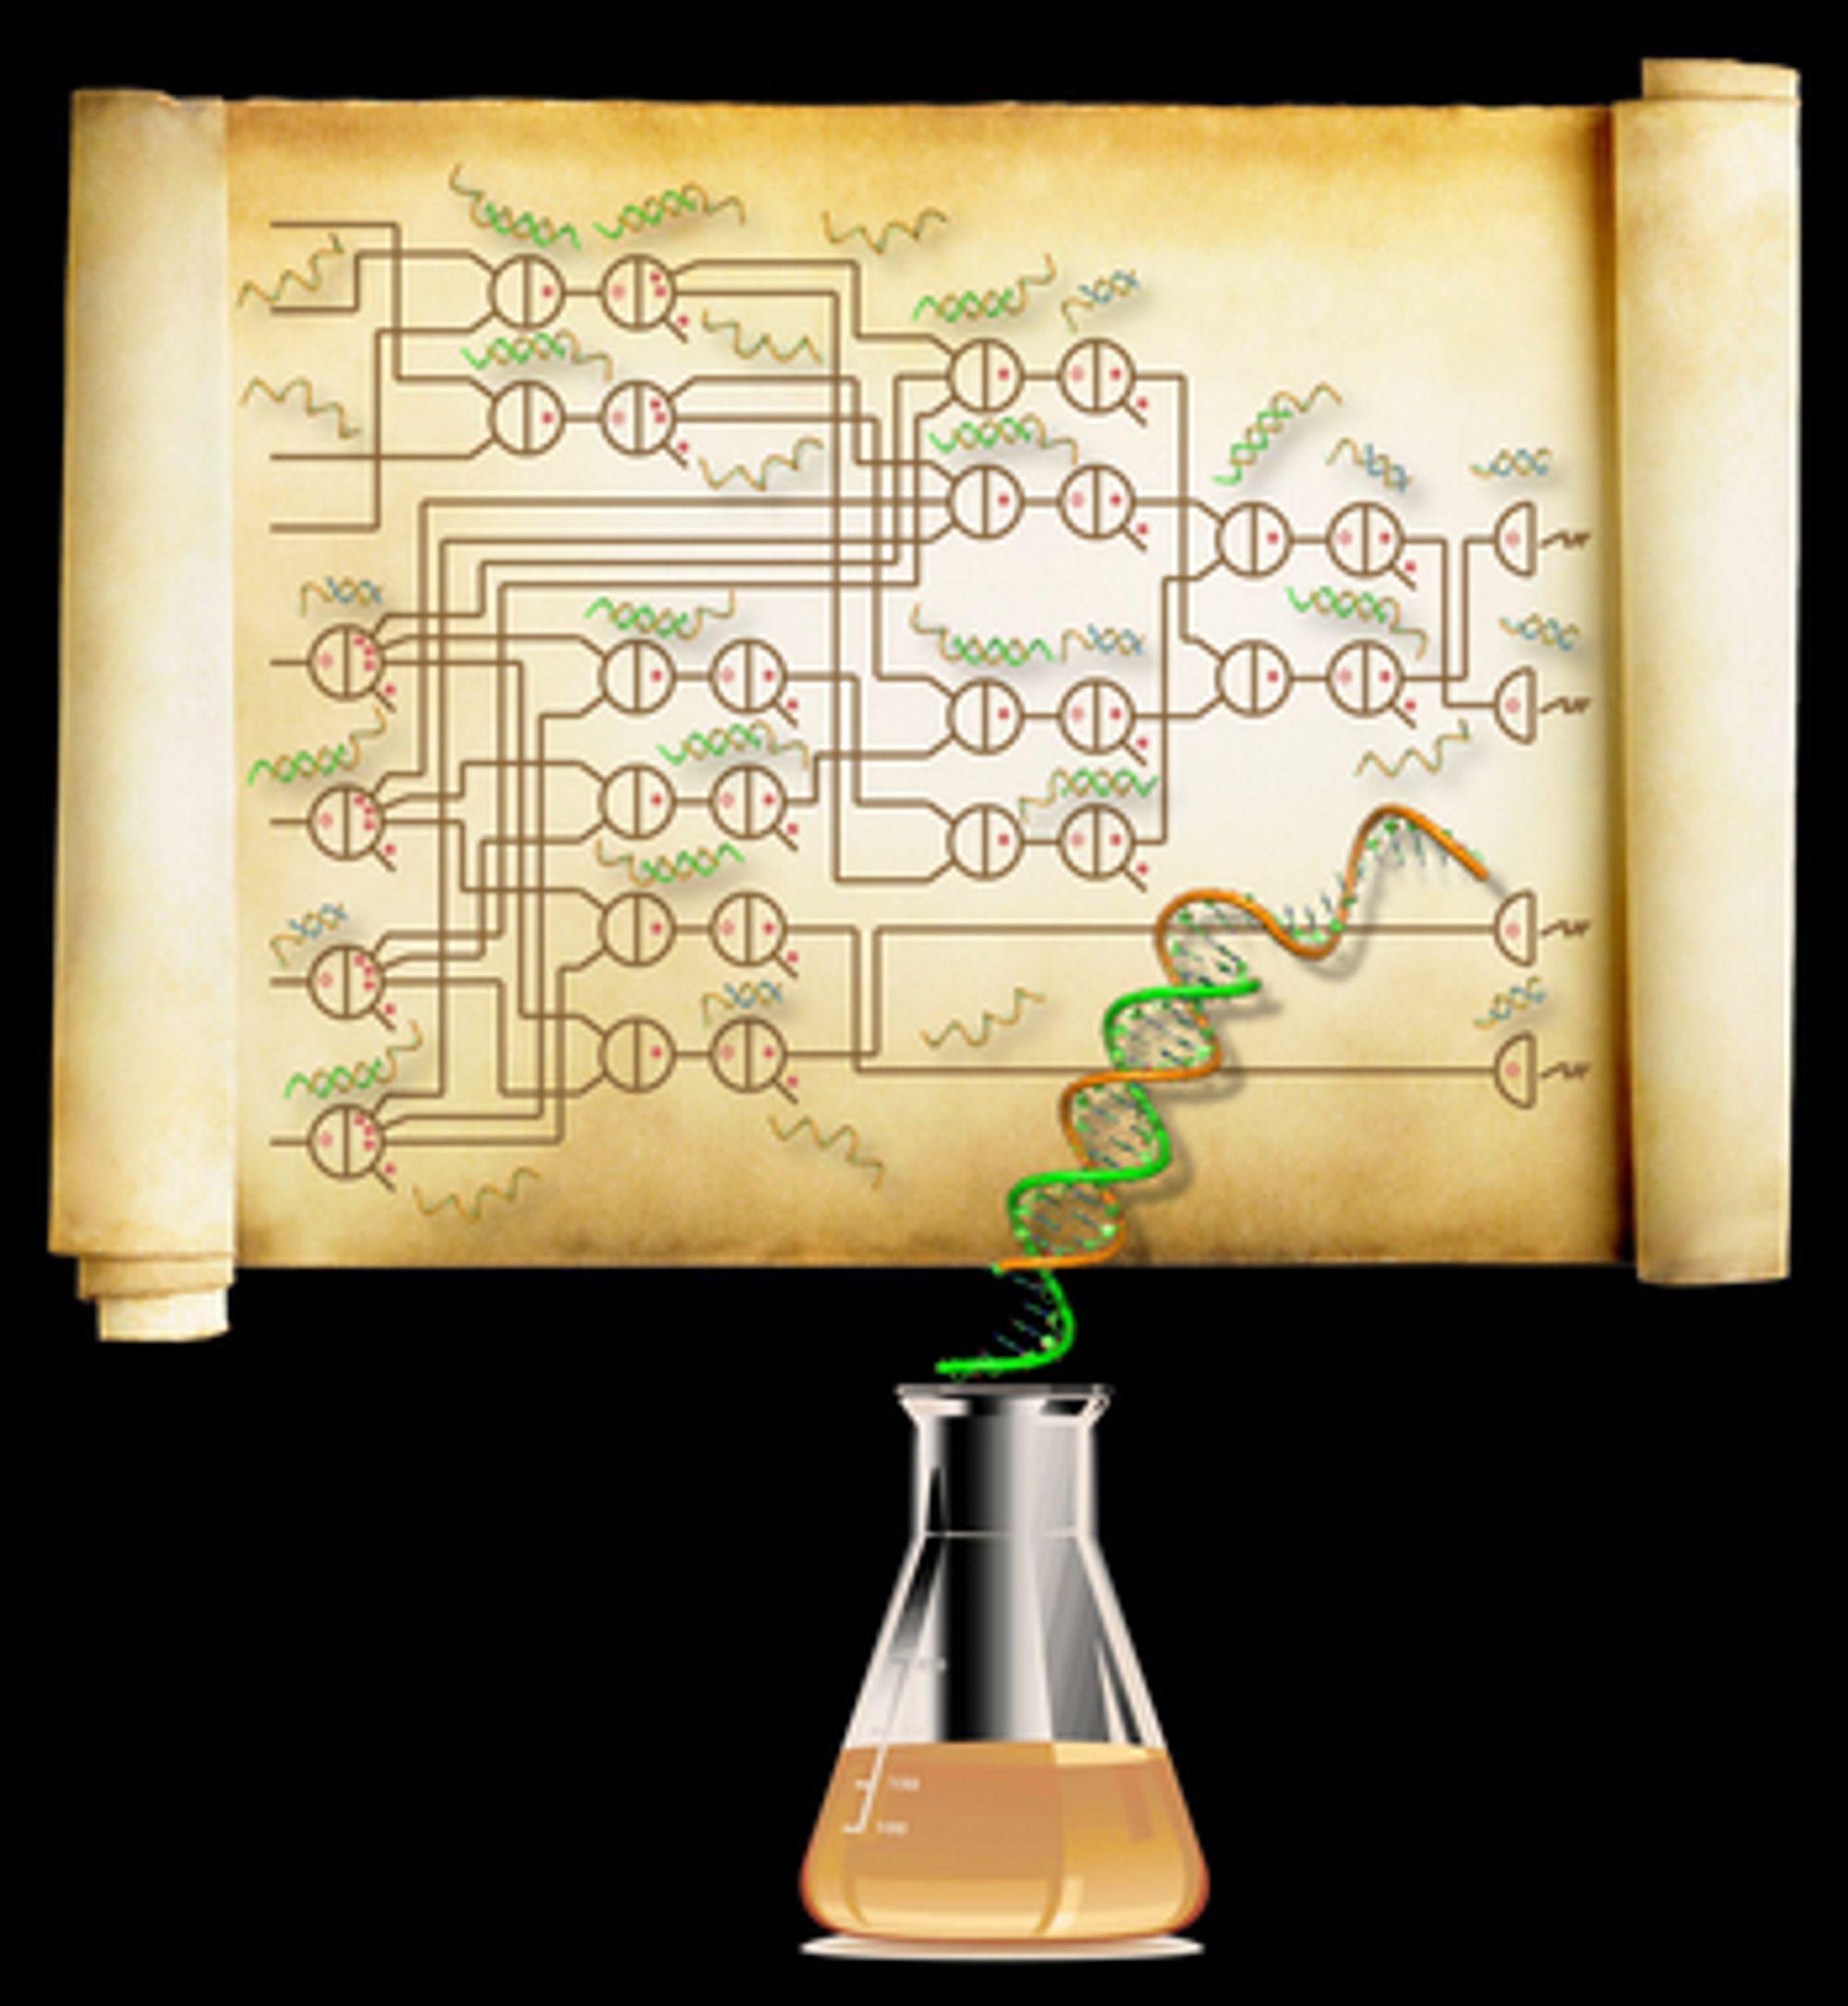 Koplingsskjema til DNA-maskin for å beregne kvadratrøtter av heltall.